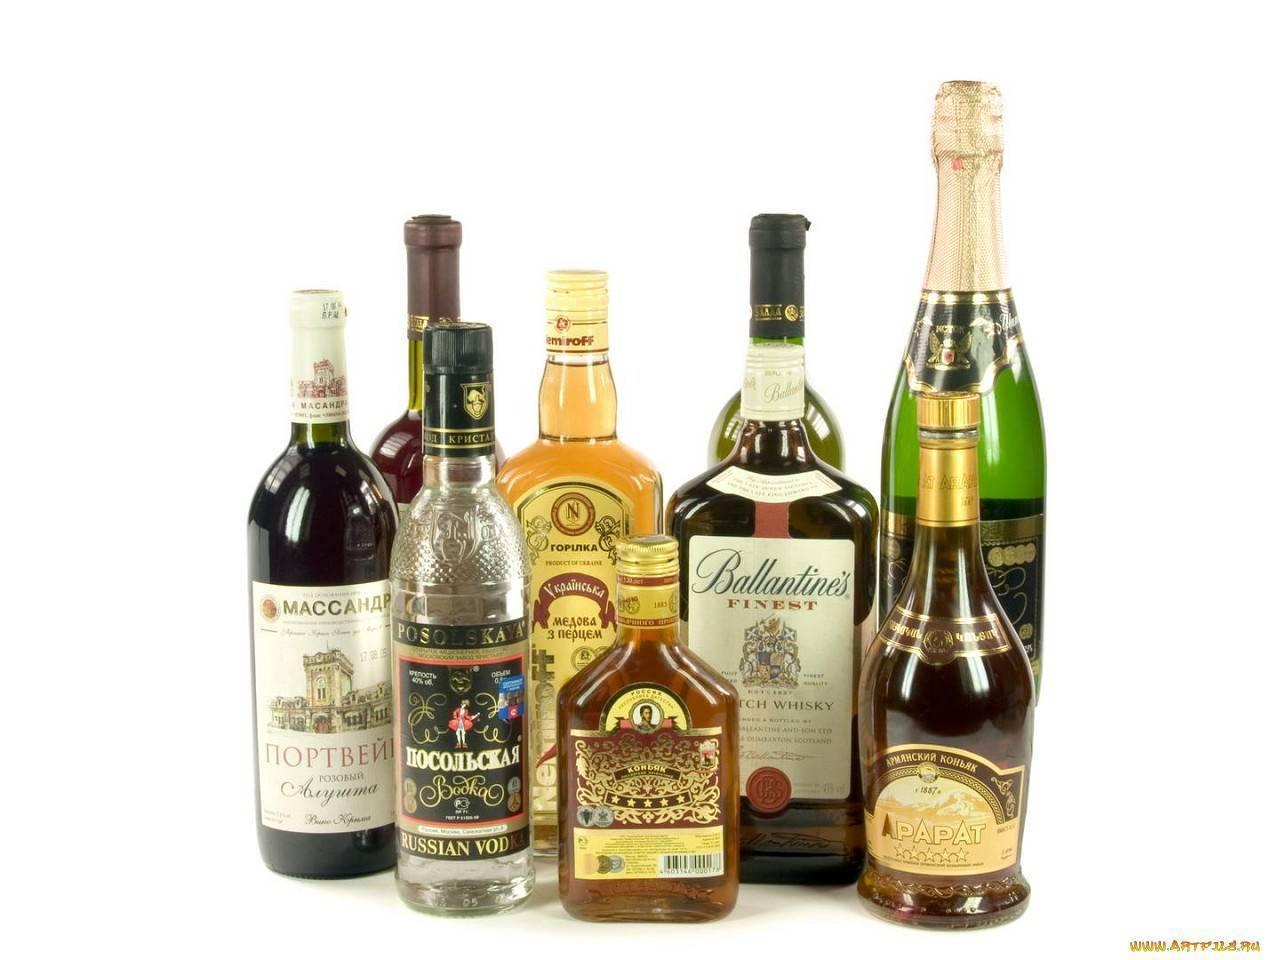 Как алкоголь влияет на кровеносные сосуды - медицина тут